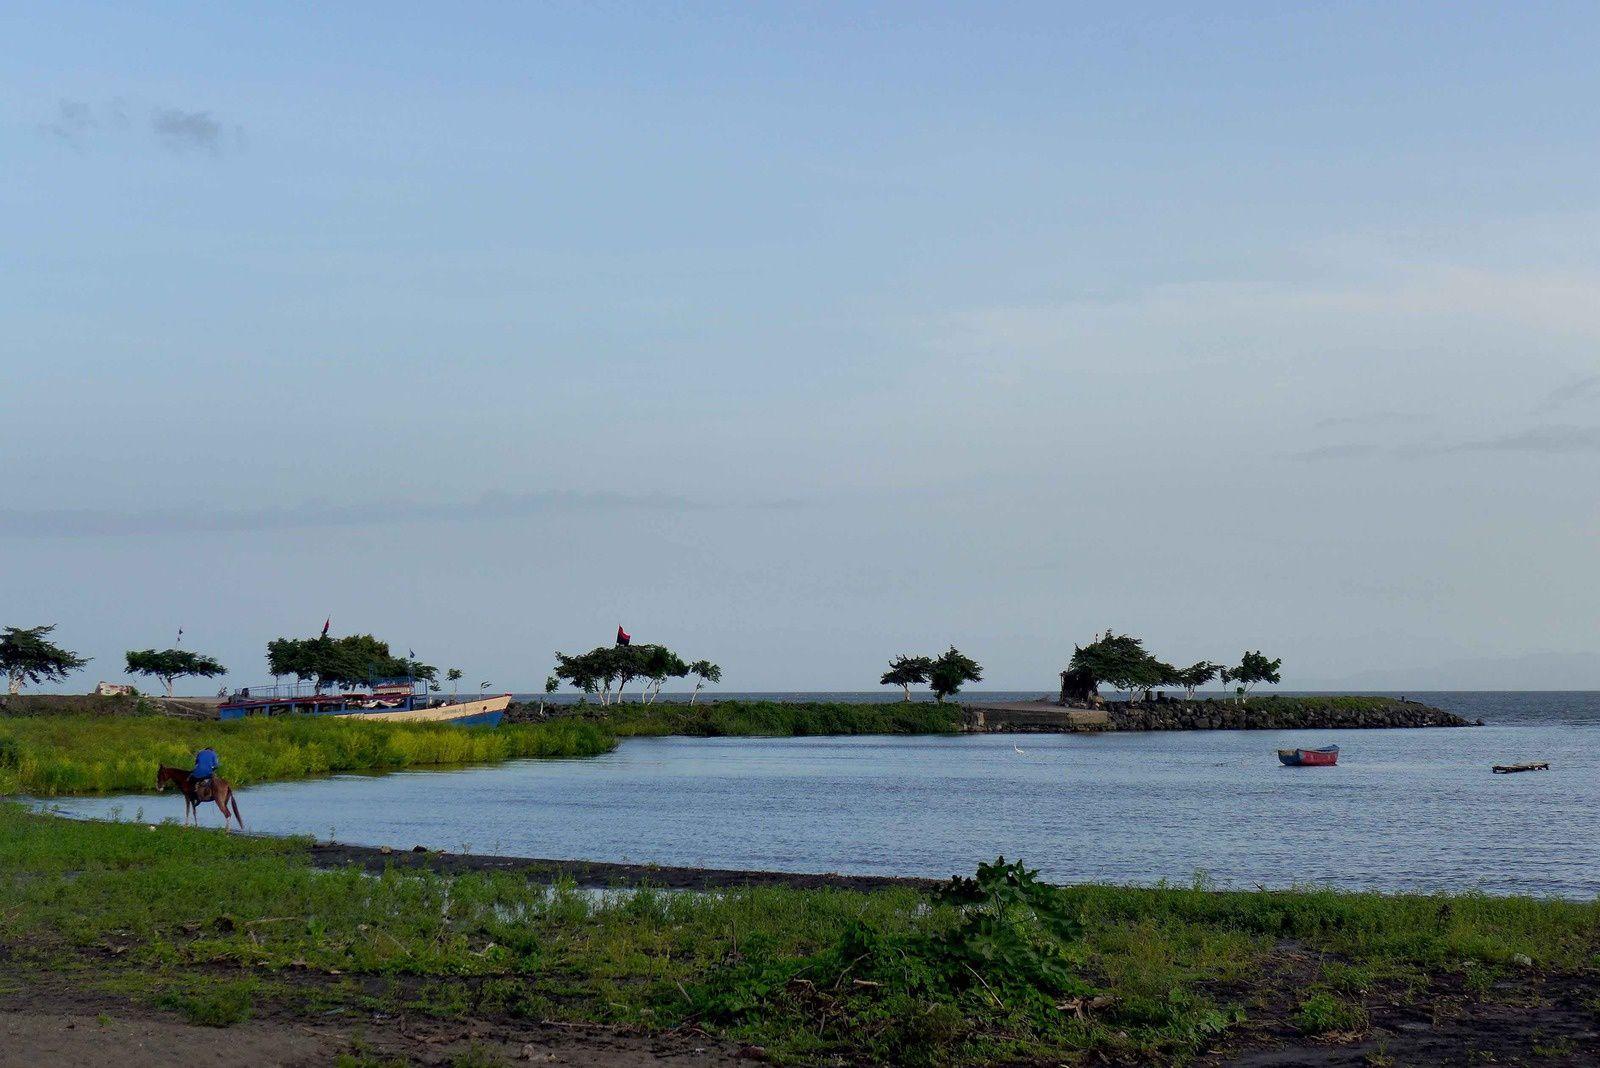 Lieu de notre premièer campement sur une île , pas mal non ?